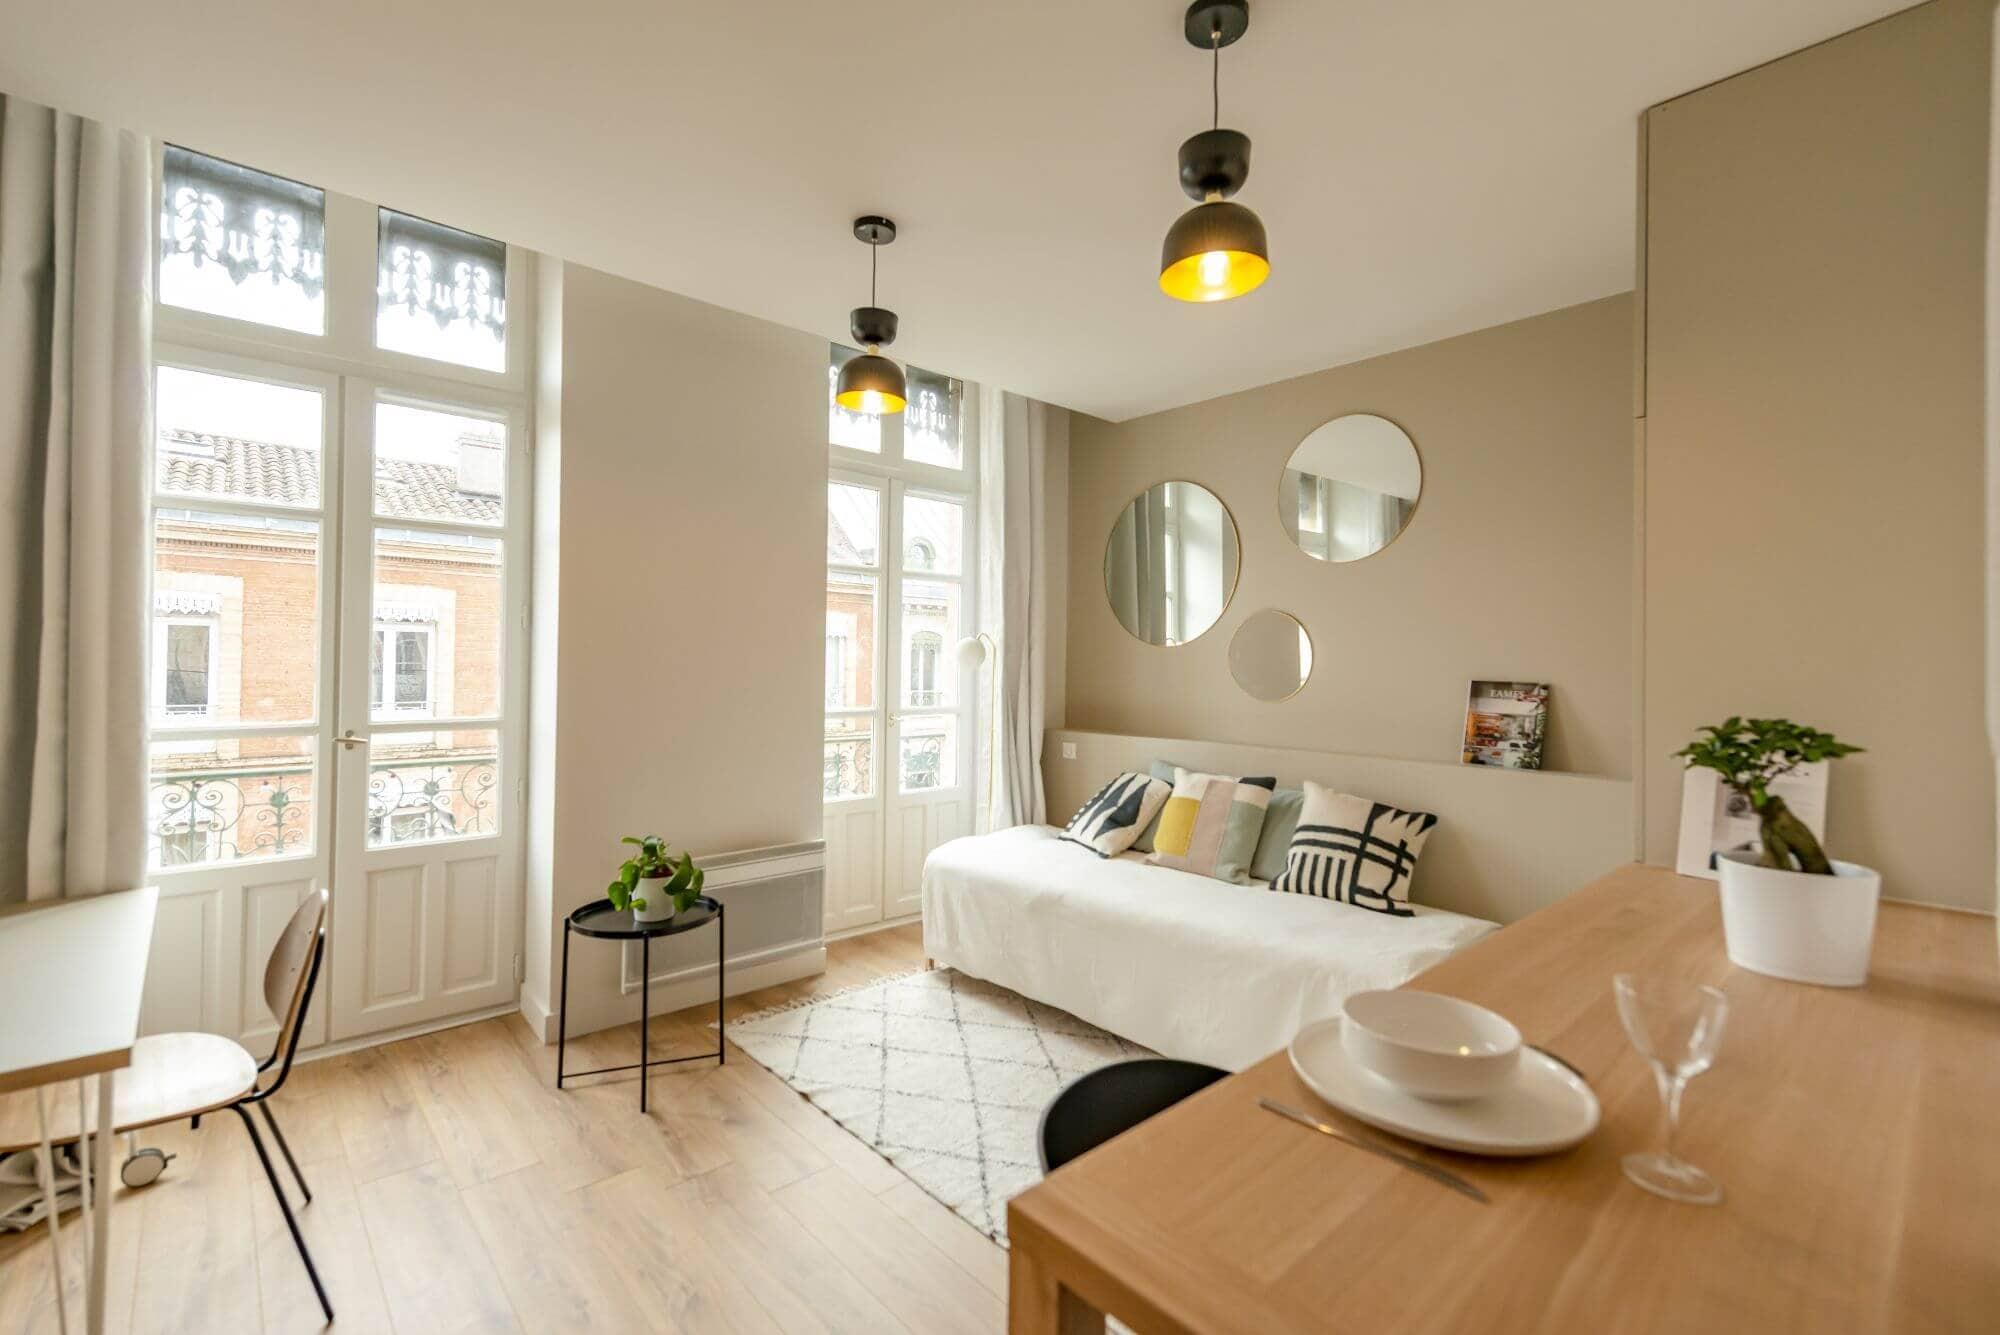 Salon, Rénovation, Appartement refait, Quartier Esquirol, Architecture d'intérieur